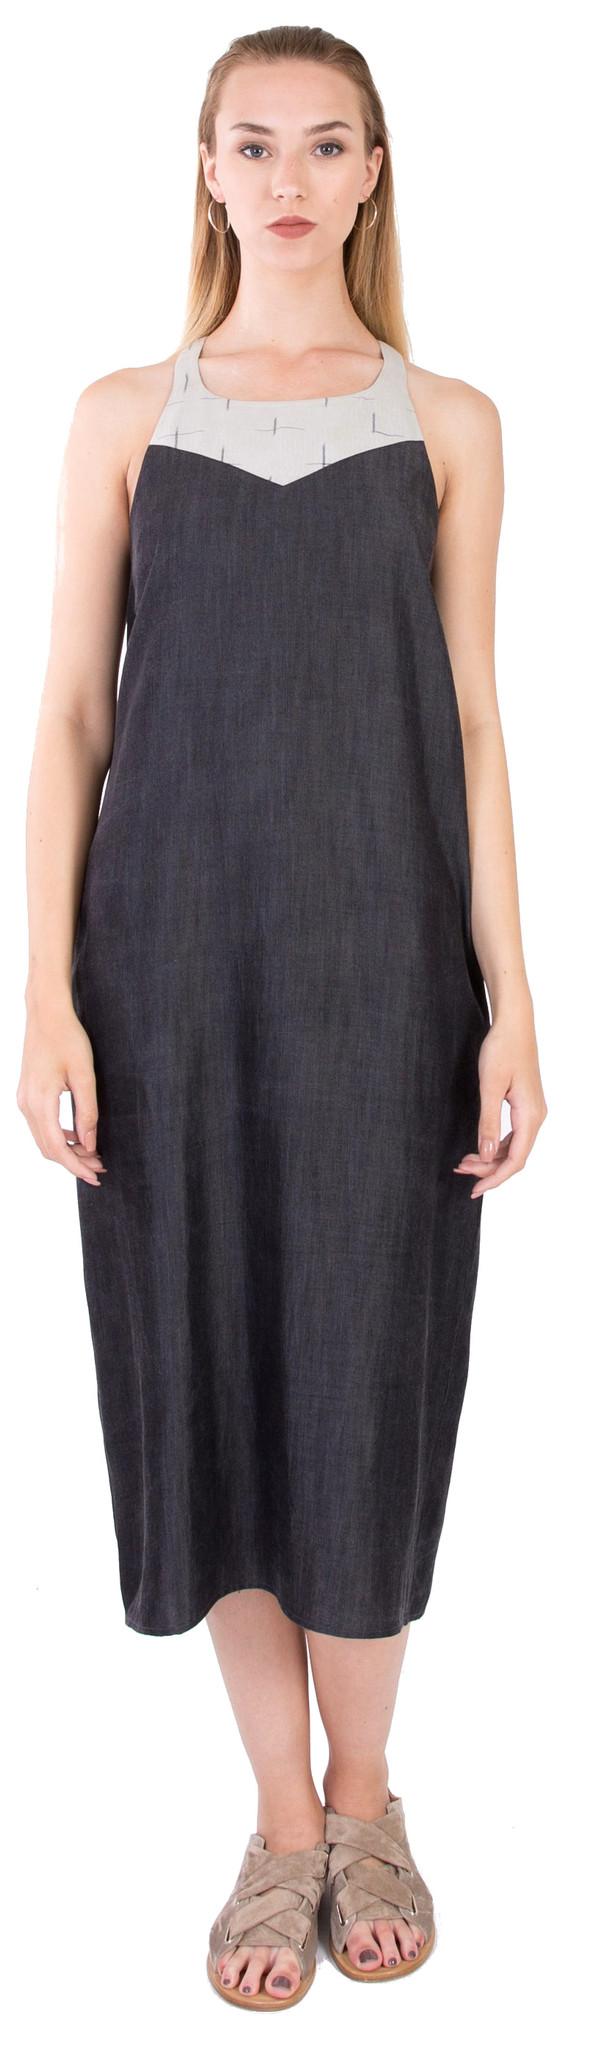 Laura Siegel Tencel Dress